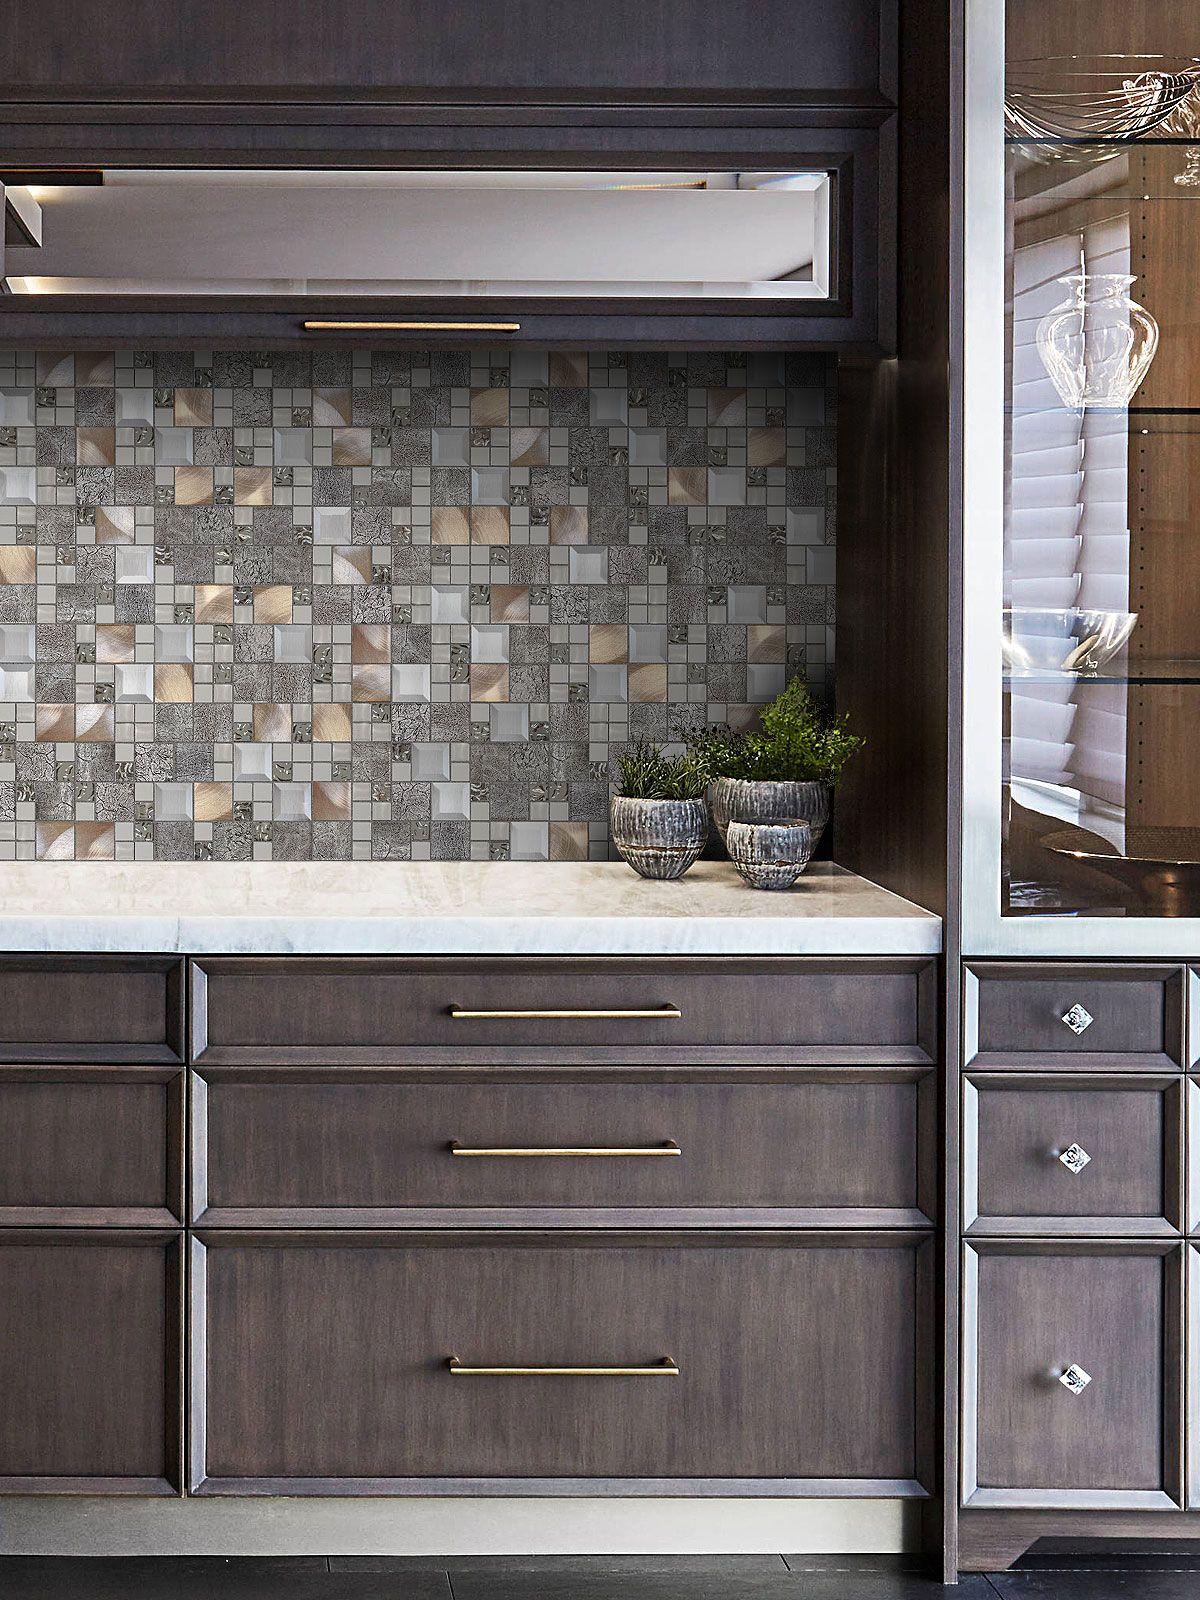 - Dark Brown Cabinet Copper Backsplash Tile BA62010 In 2020 Copper Mosaic  Backsplash, Tile Backsplash, Kitchen Backsplash Designs